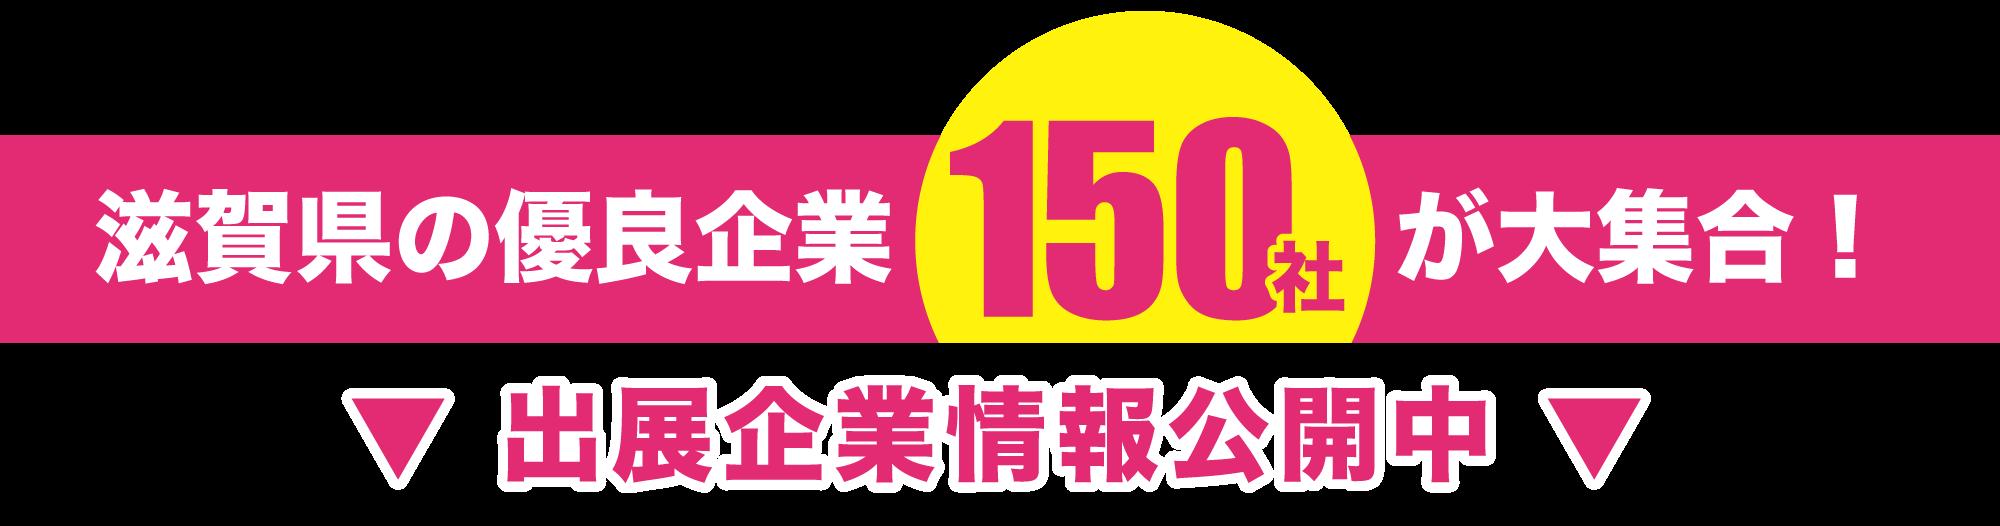 滋賀県の優良企業150社が大集合!出展企業情報公開中!